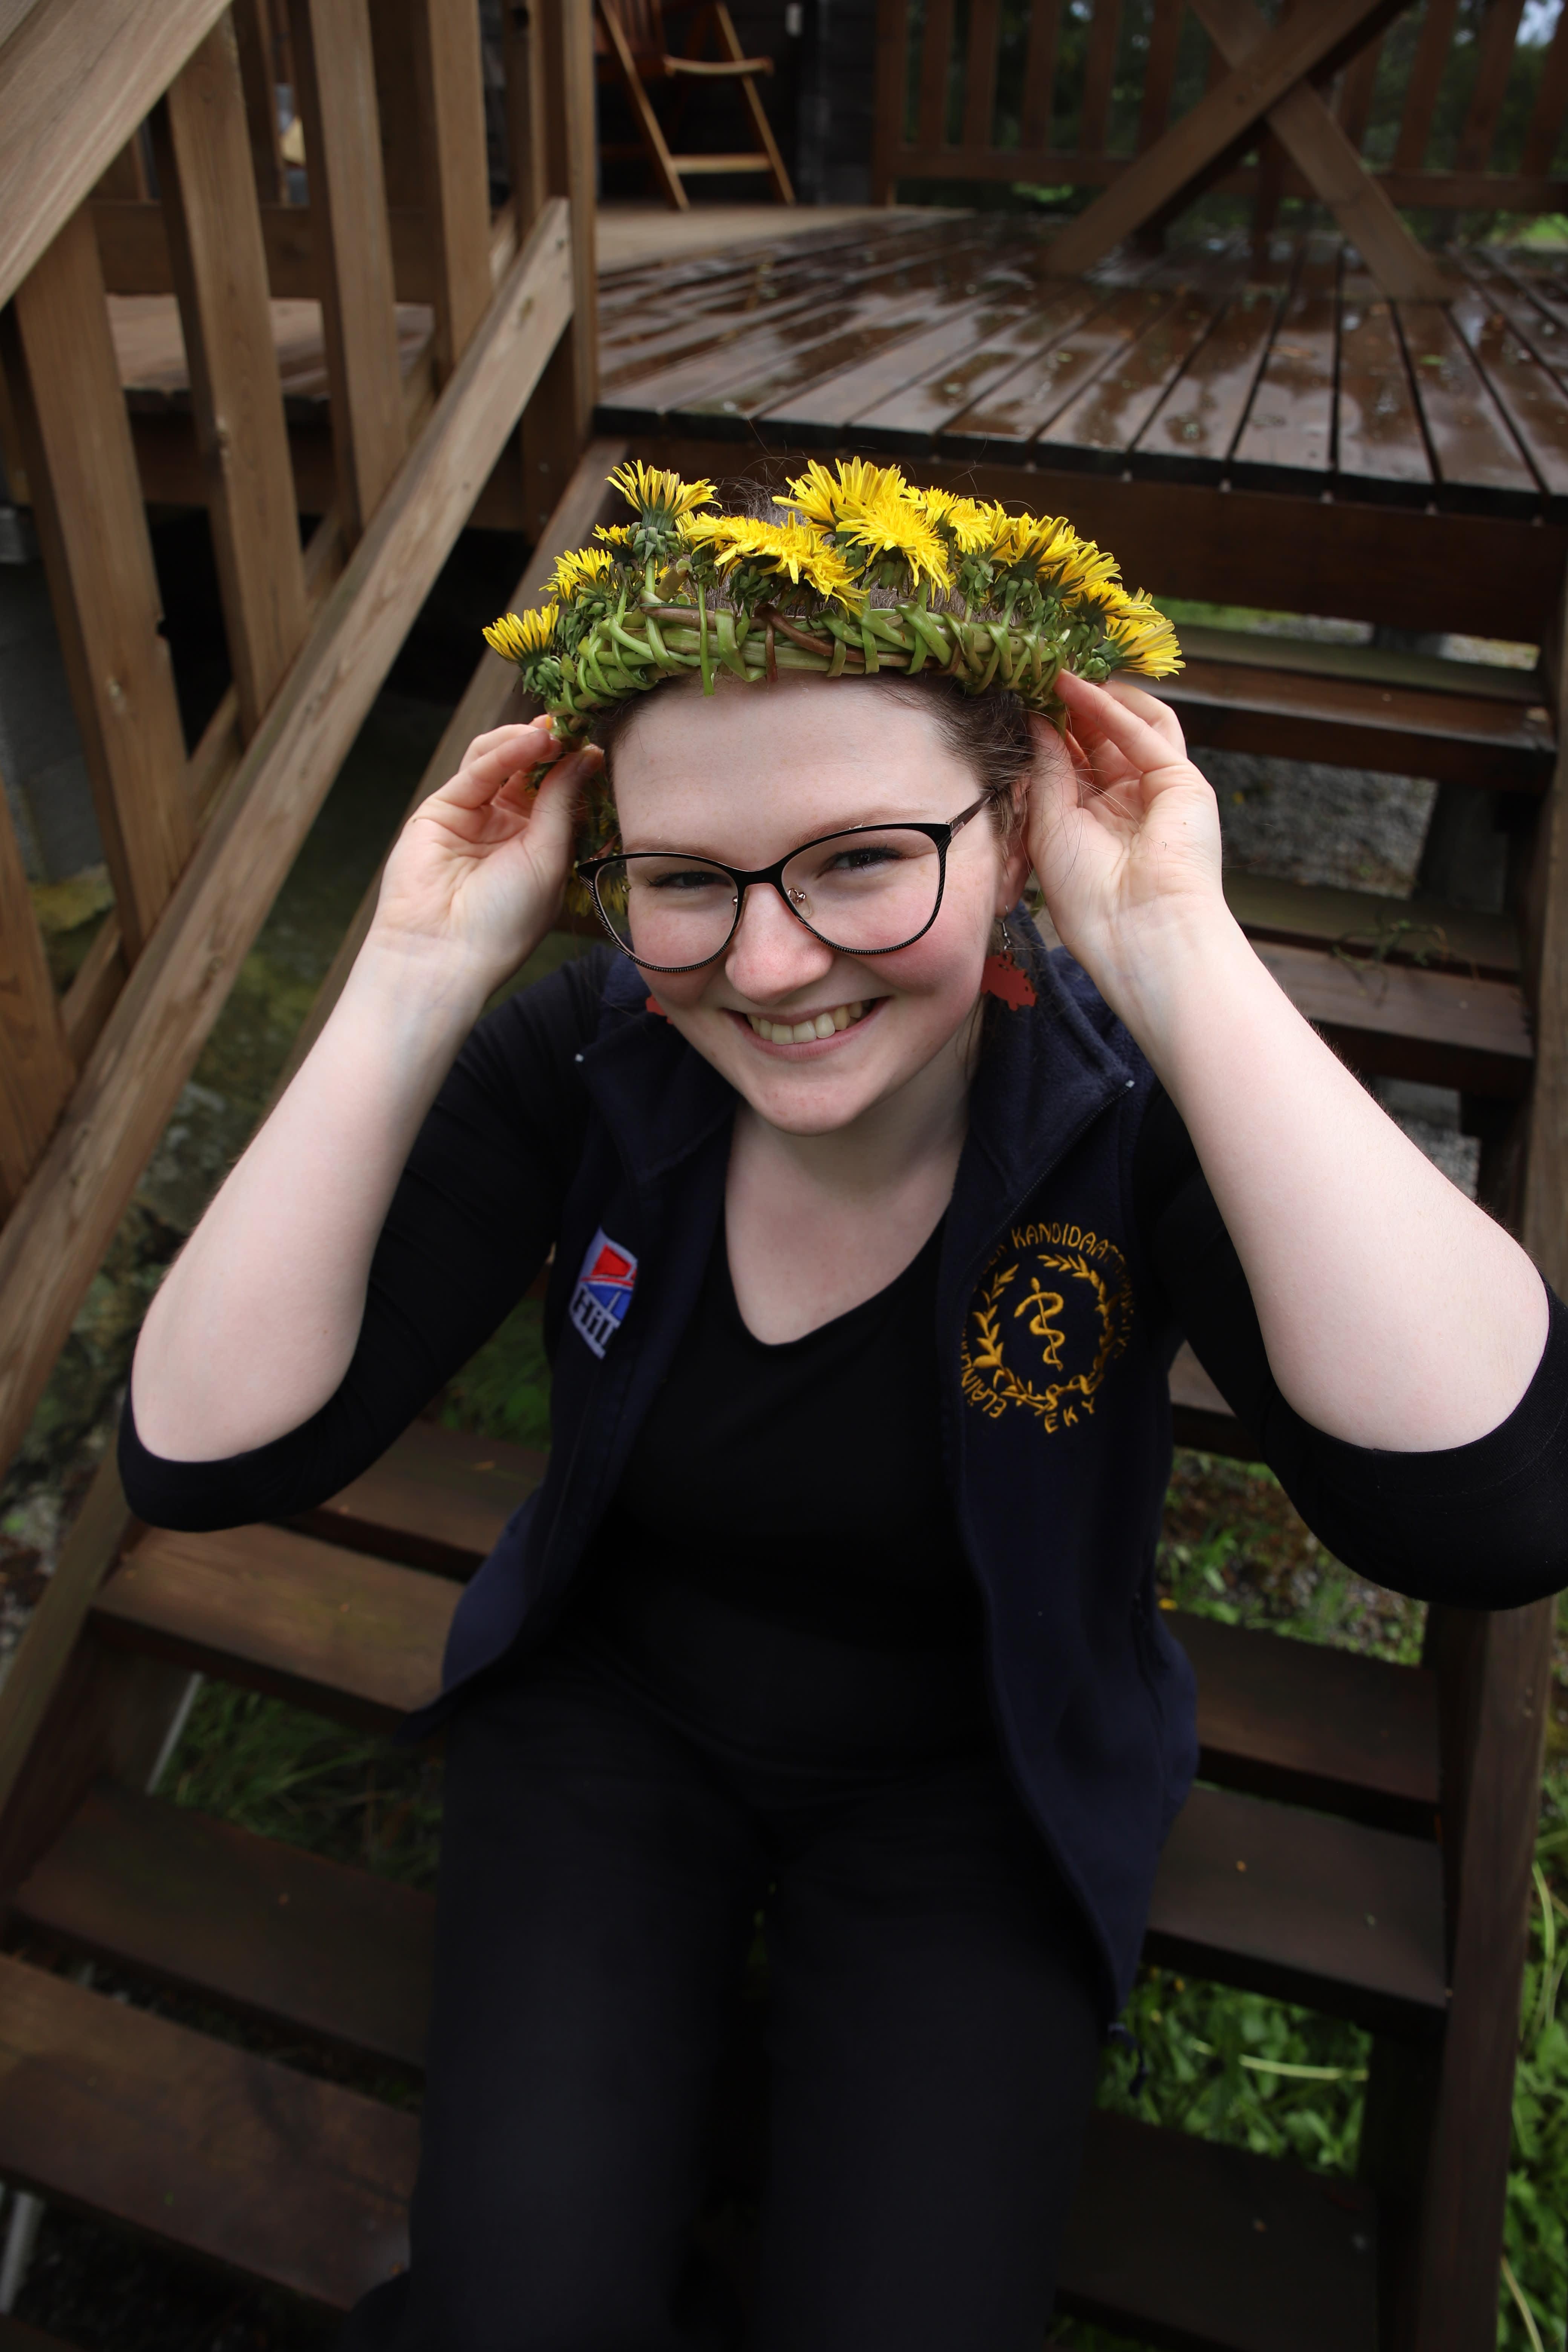 Nuori nainen kukkaseppele päässä